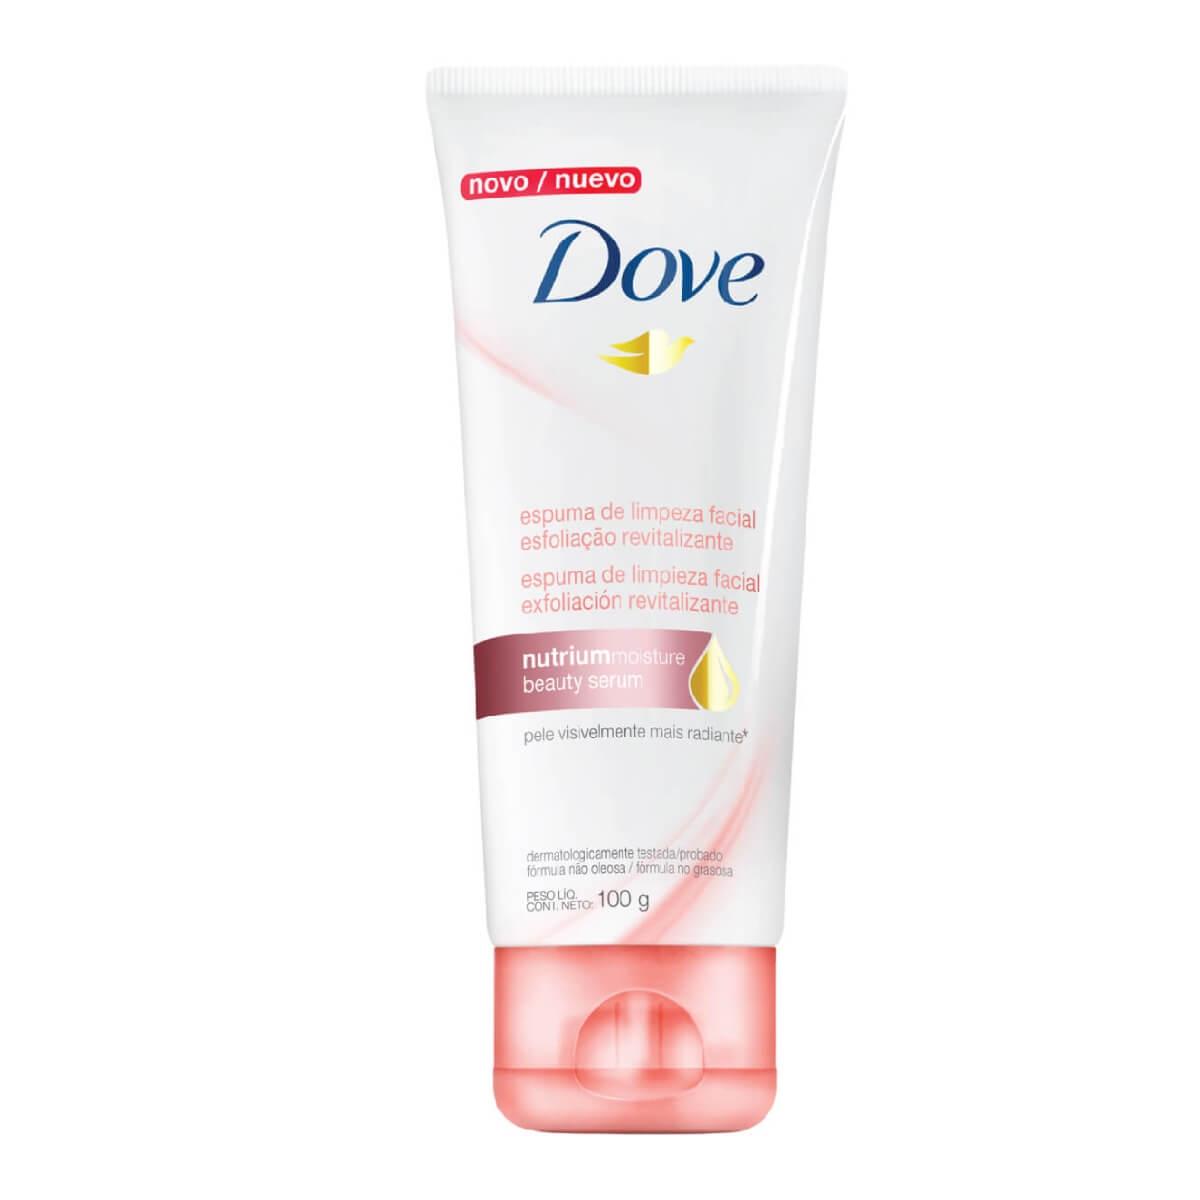 Espuma de Limpeza Dove Esfoliação Revitalizante Facial Nutrium Moisture Beauty Serum 100g